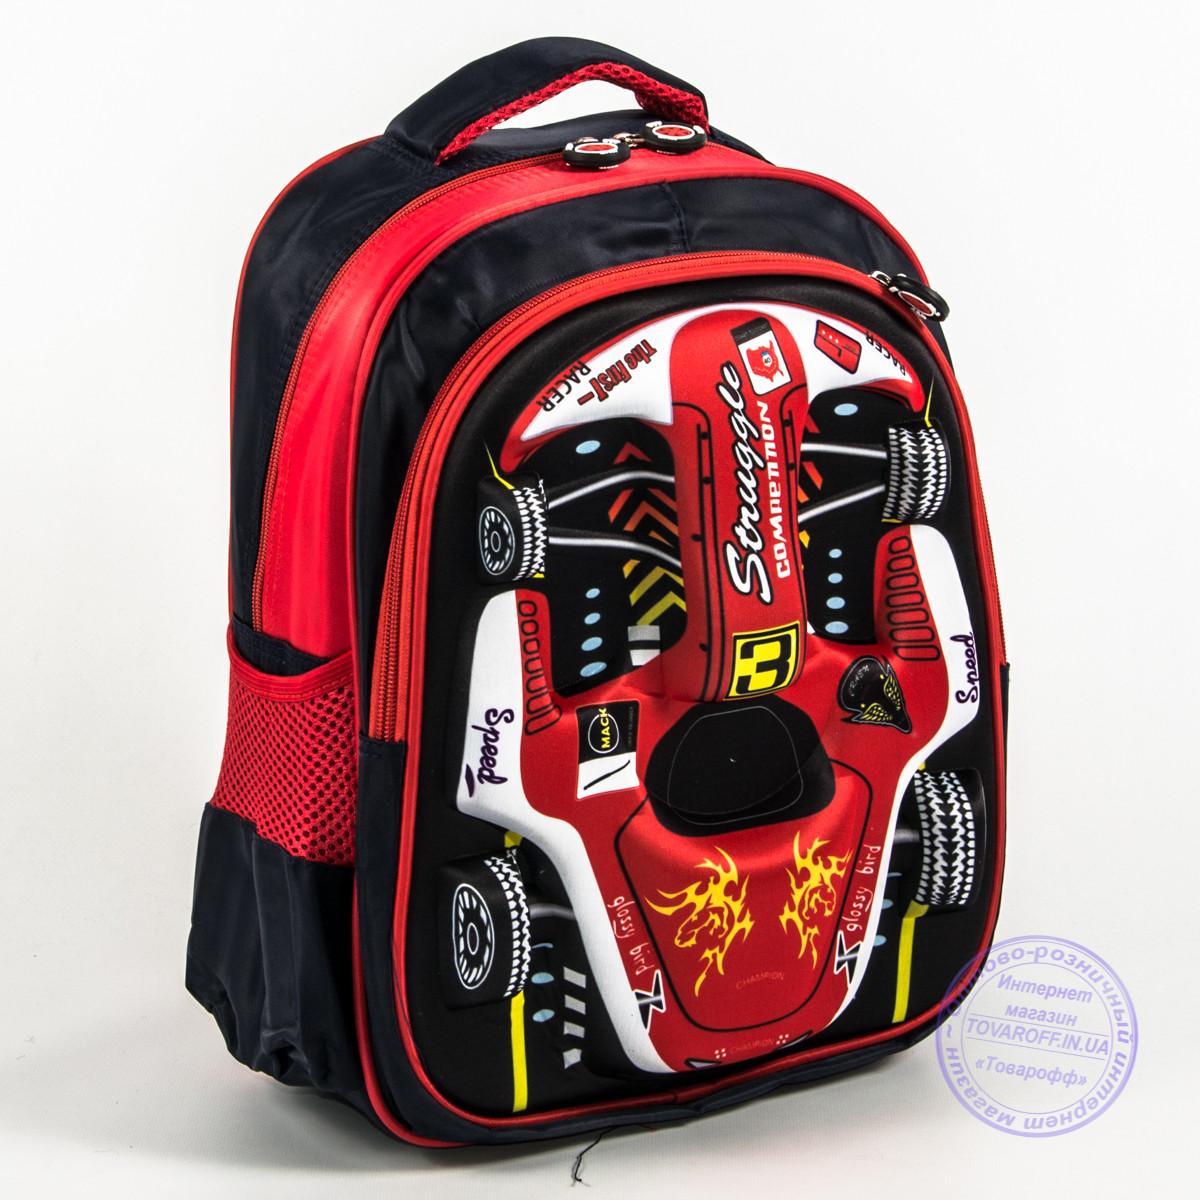 b11c85ede0e7 Школьный рюкзак для мальчика 3D машина - красная - 129: заказ, цены ...